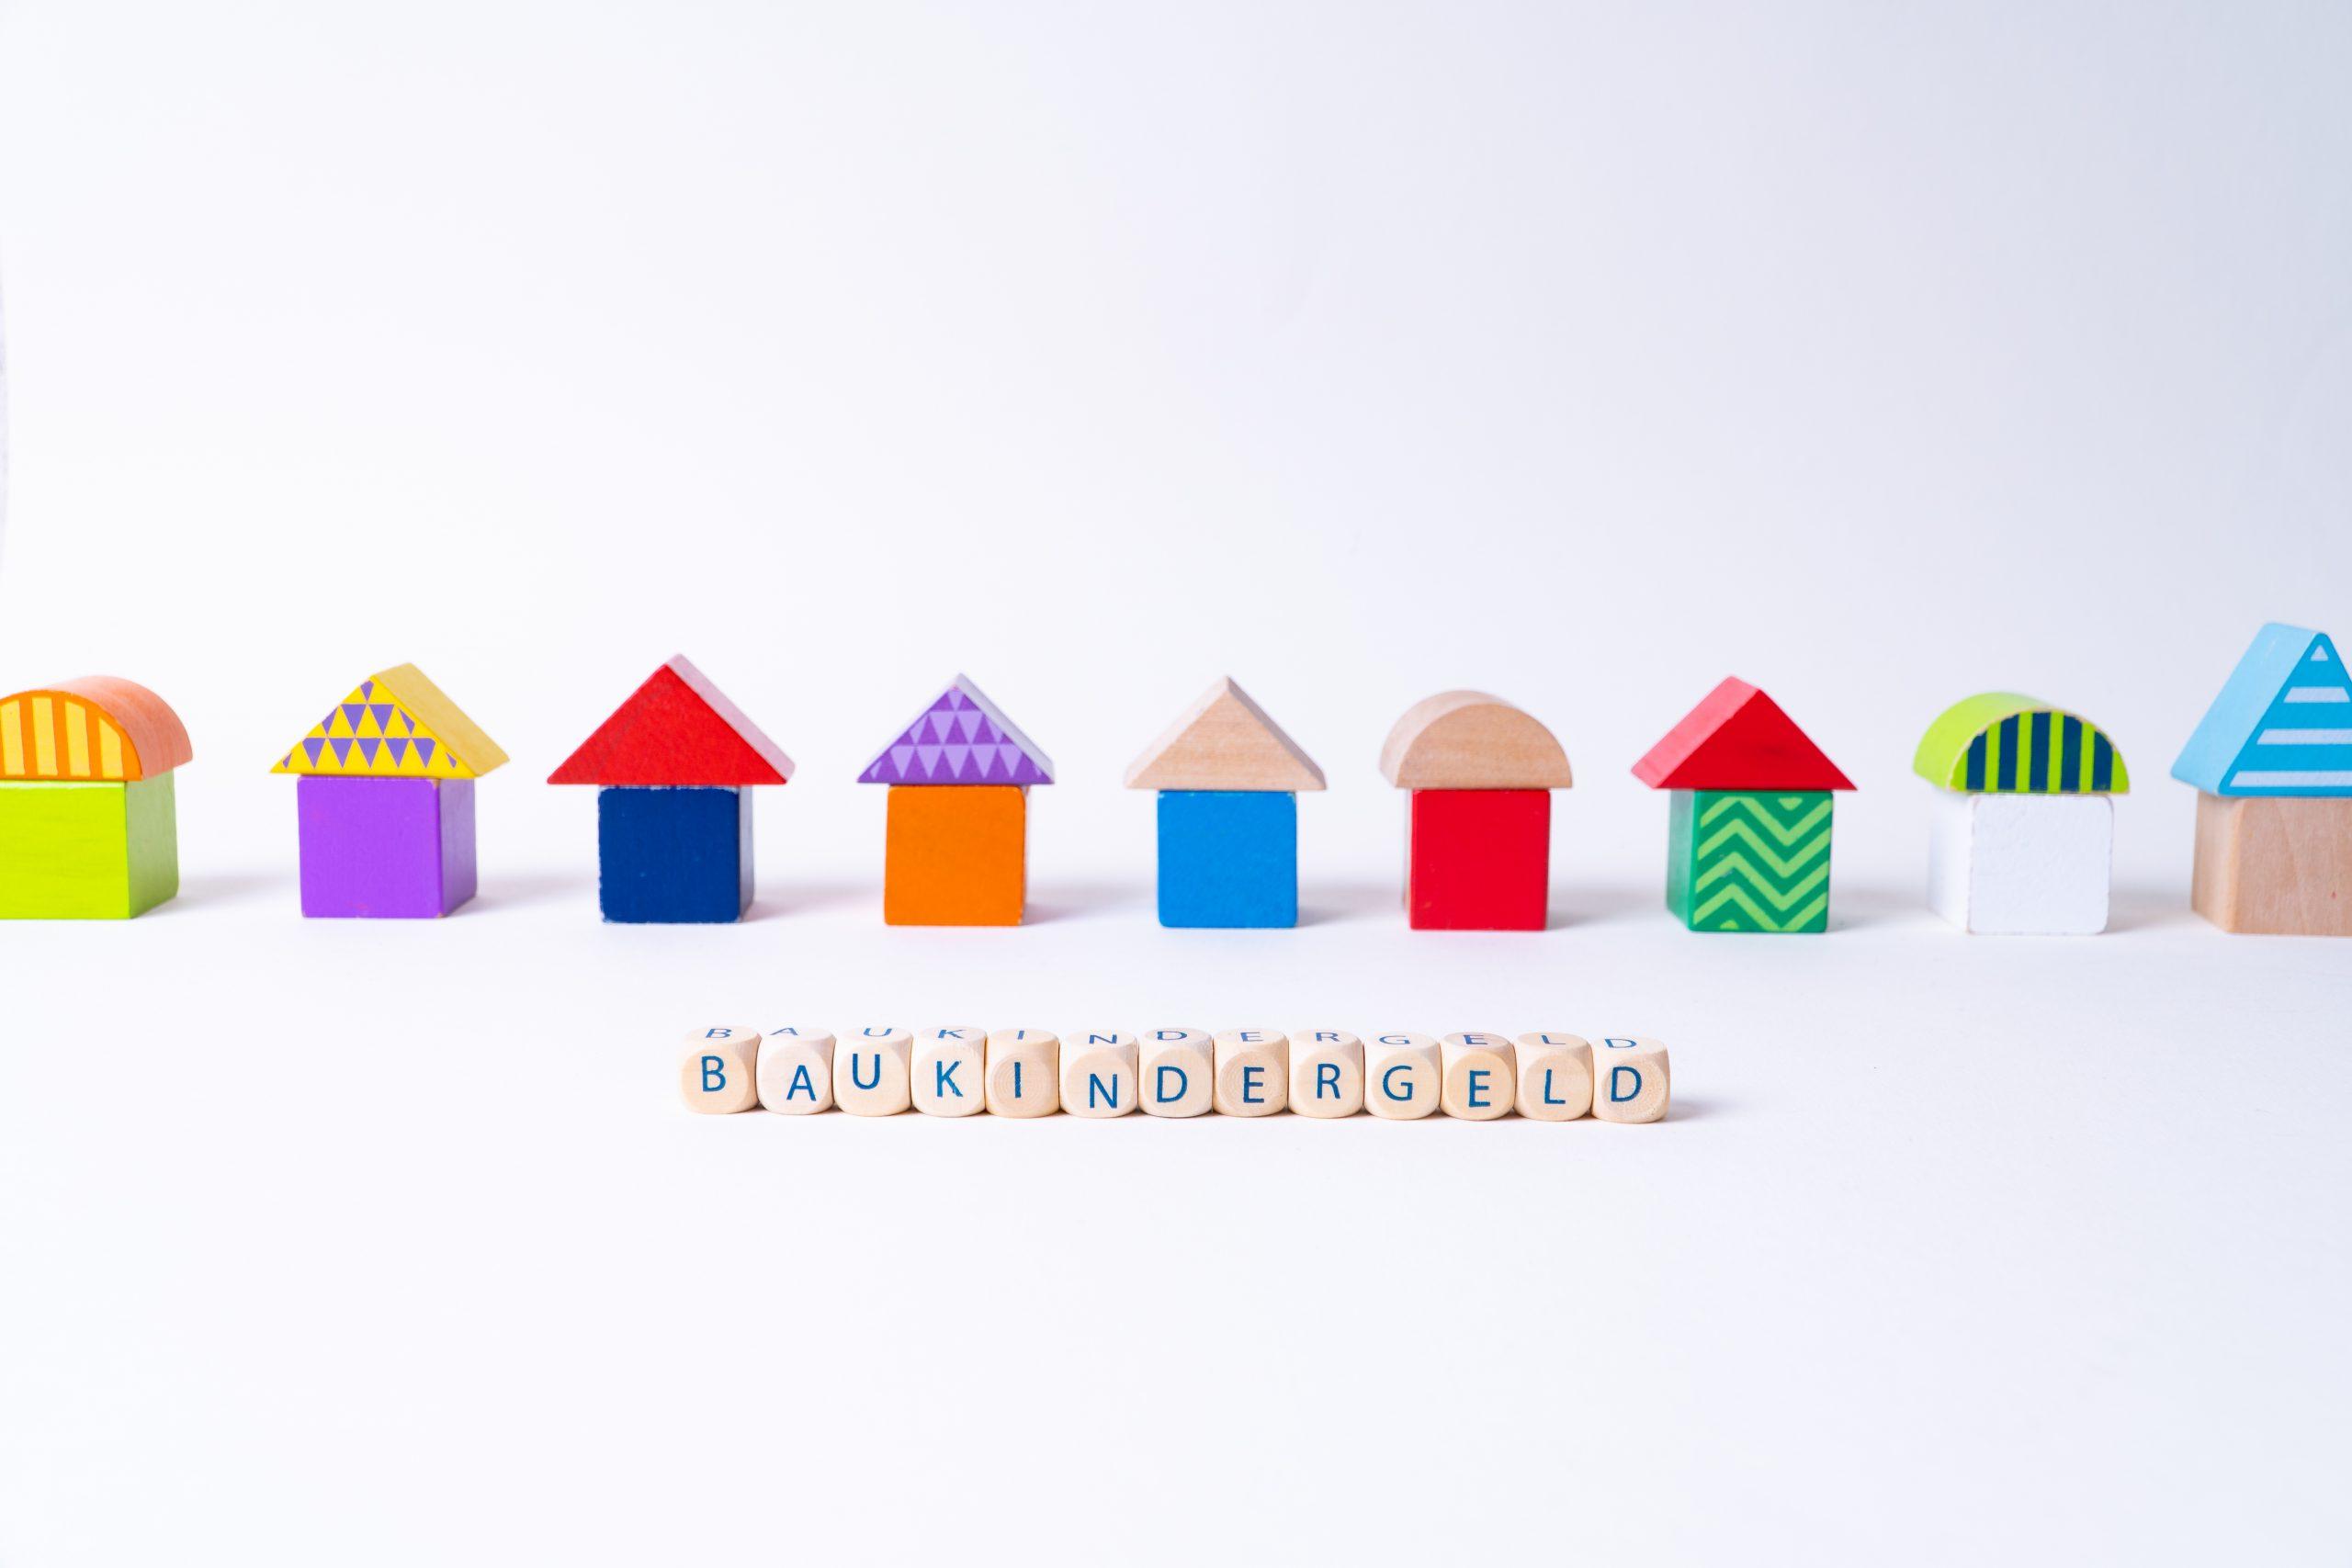 Fristverlängerung beim Baukindergeld – Fristen, Voraussetzungen, Höhe